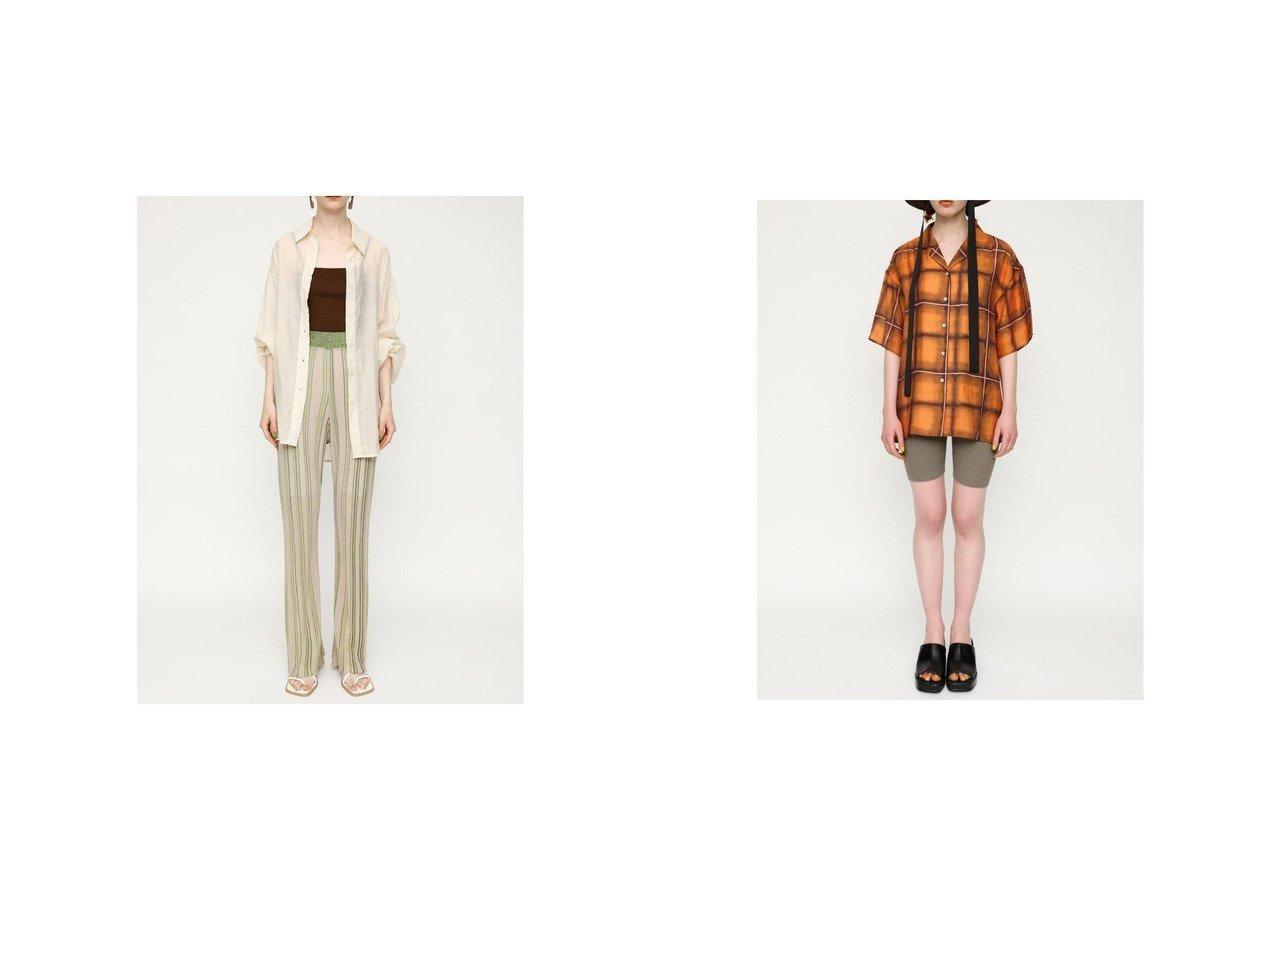 【SLY/スライ】のCOLOR STRIPE HG パンツ&HG SHORT パンツ おすすめ!人気トレンド・レディースファッション通販 おすすめで人気の流行・トレンド、ファッションの通販商品 インテリア・家具・メンズファッション・キッズファッション・レディースファッション・服の通販 founy(ファニー) https://founy.com/ ファッション Fashion レディースファッション WOMEN パンツ Pants 2021年 2021 2021春夏・S/S SS/Spring/Summer/2021 S/S・春夏 SS・Spring/Summer おすすめ Recommend チュニック プリント 夏 Summer 春 Spring  ID:crp329100000053085